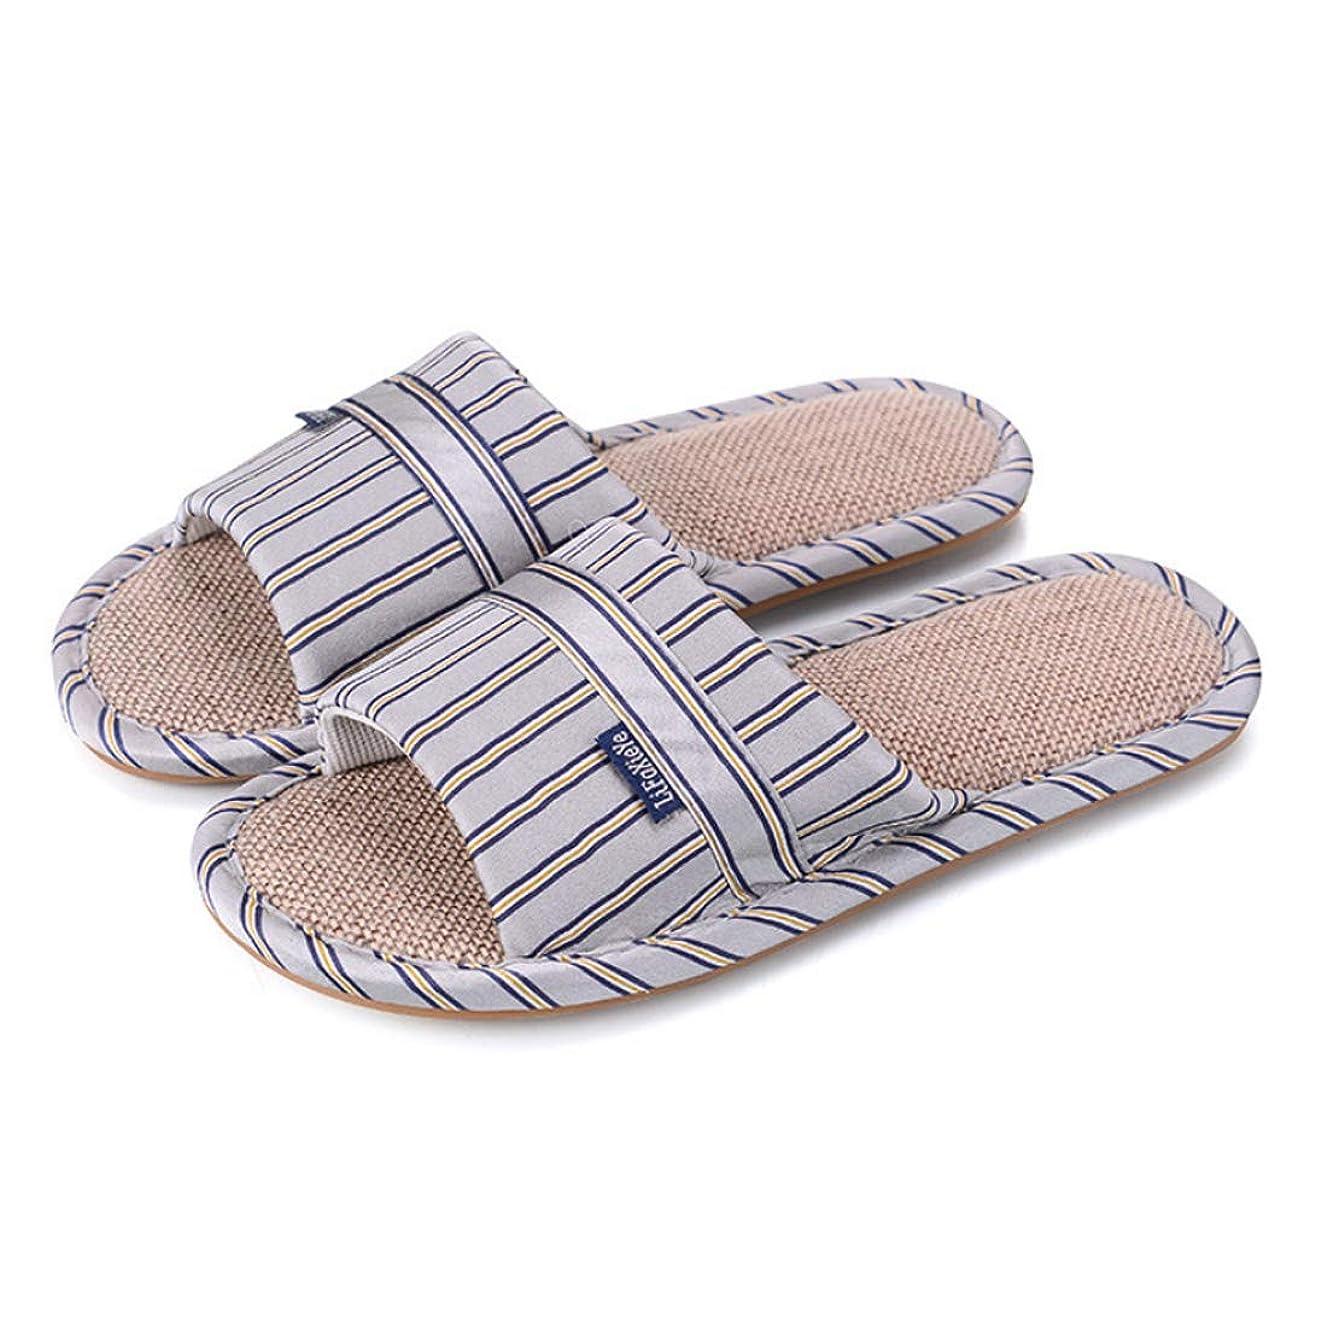 釈義偏見一目[Inlefen] ファッションの男性と女性のカップルbowknotストライプのデザインノンスリップ耐久性のある唯一の屋内の家のスリッパオープントゥ通気性の靴